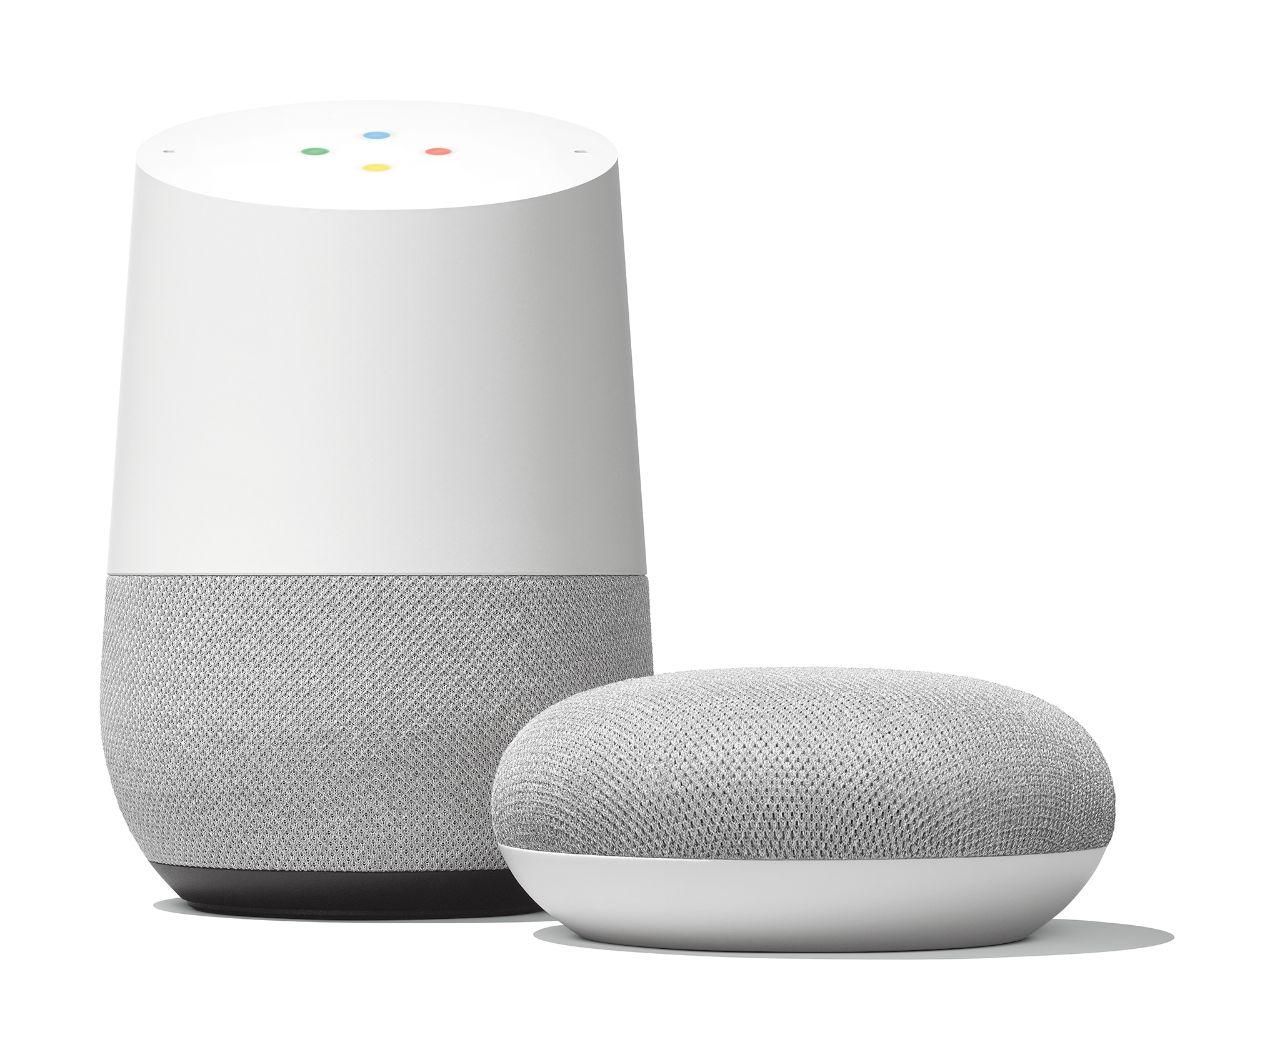 Google Home el primer asistente inteligente con control de voz de Google 9e9208ba6b12